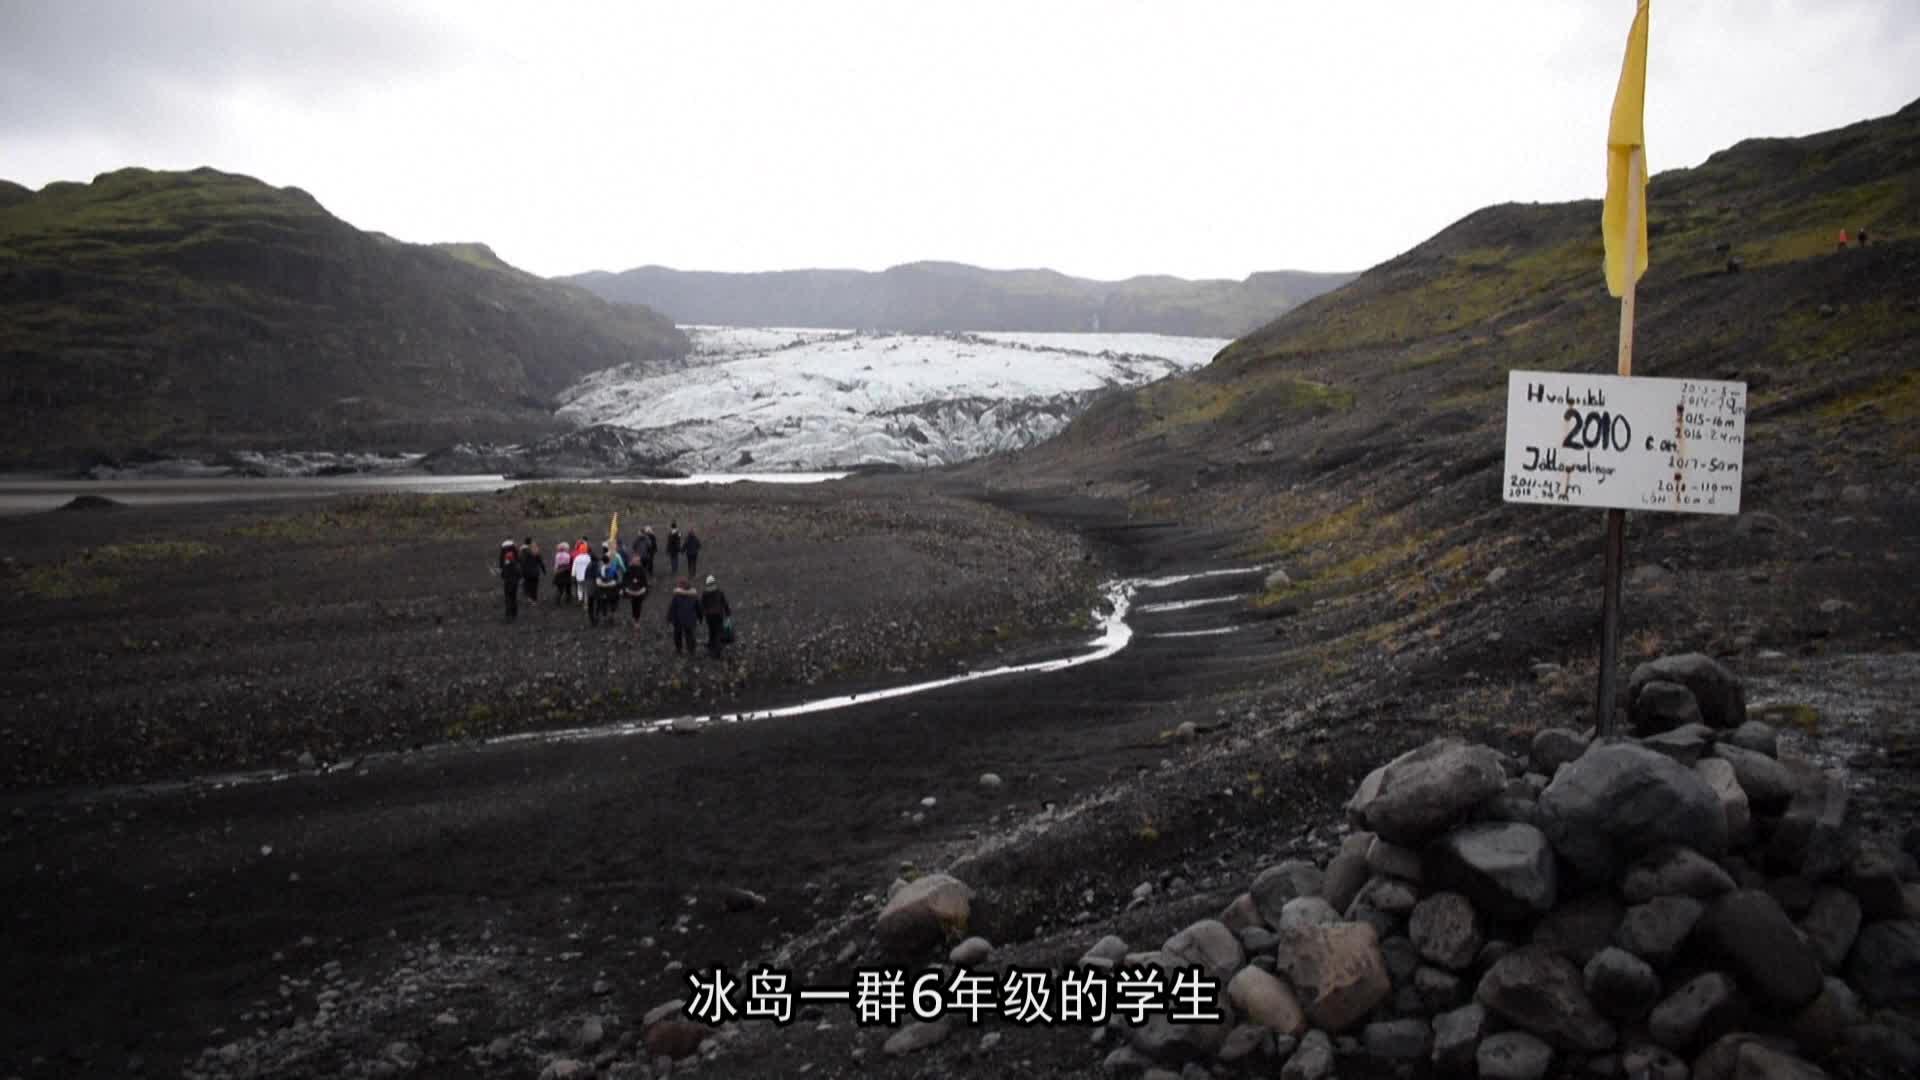 美丽而忧伤 冰岛学生见证冰川消融